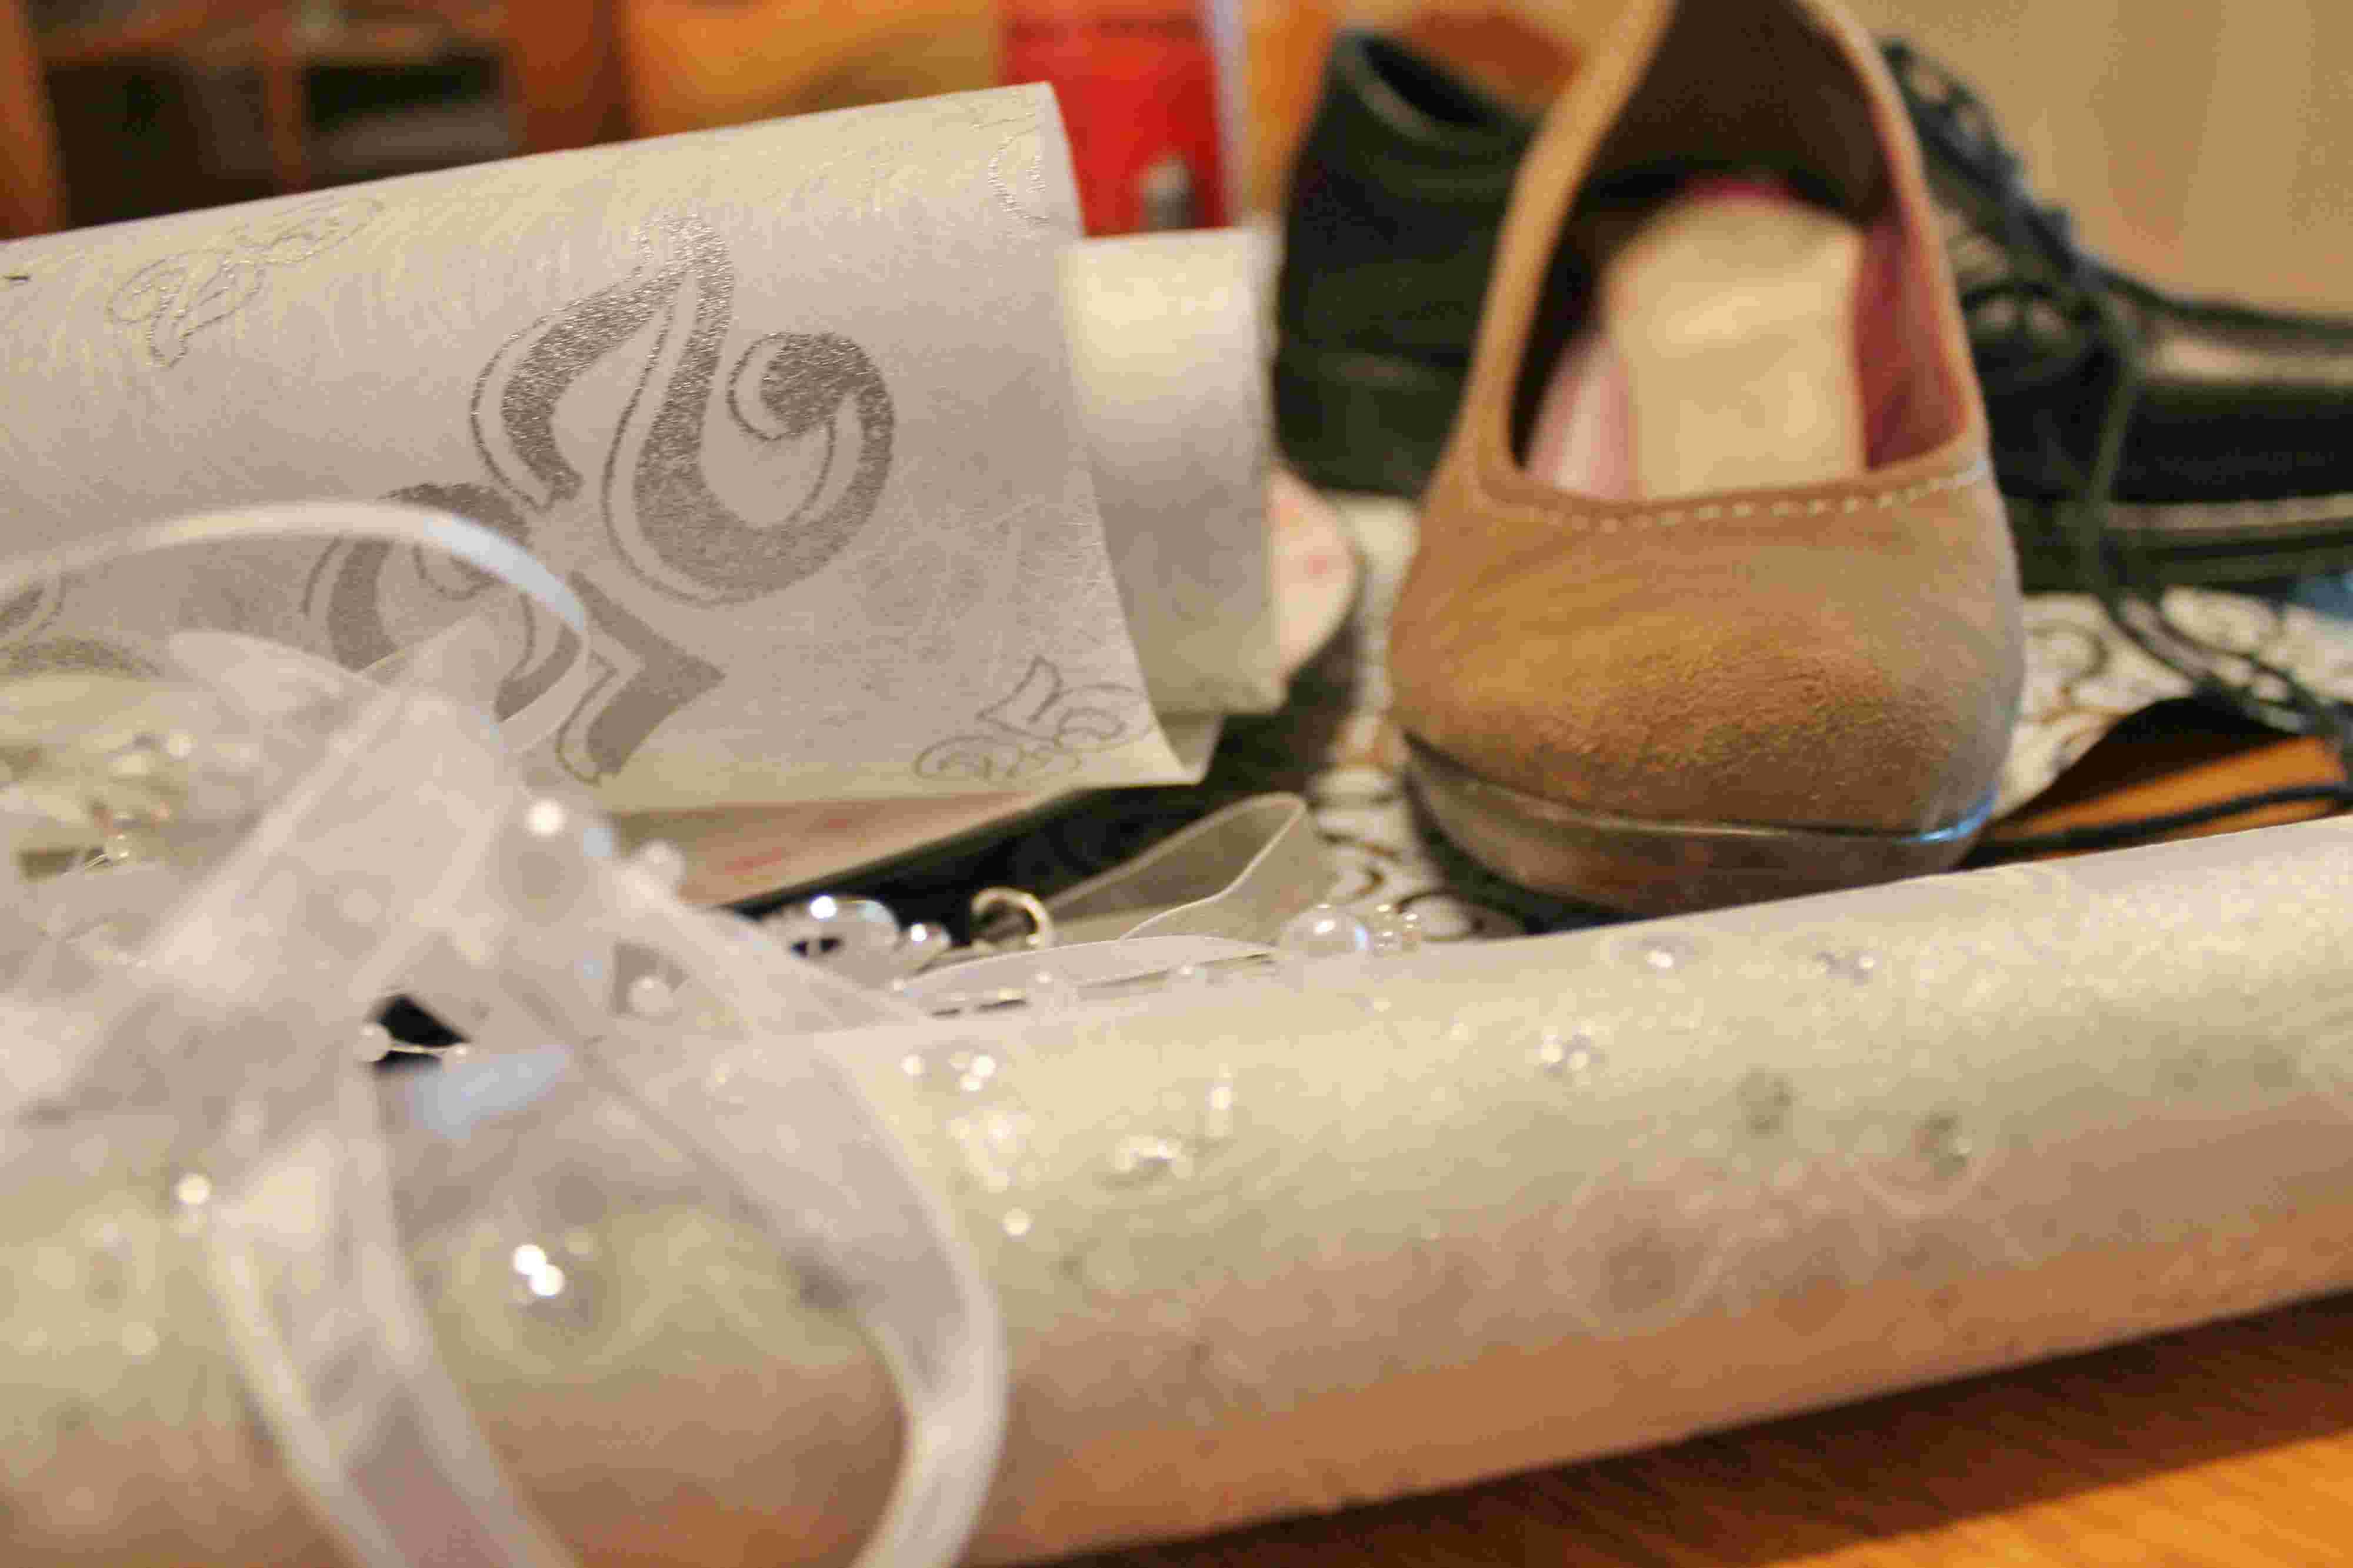 Selbst gemacht ein geschenk zur silberhochzeit elas - Ideen zur silberhochzeit geschenk ...